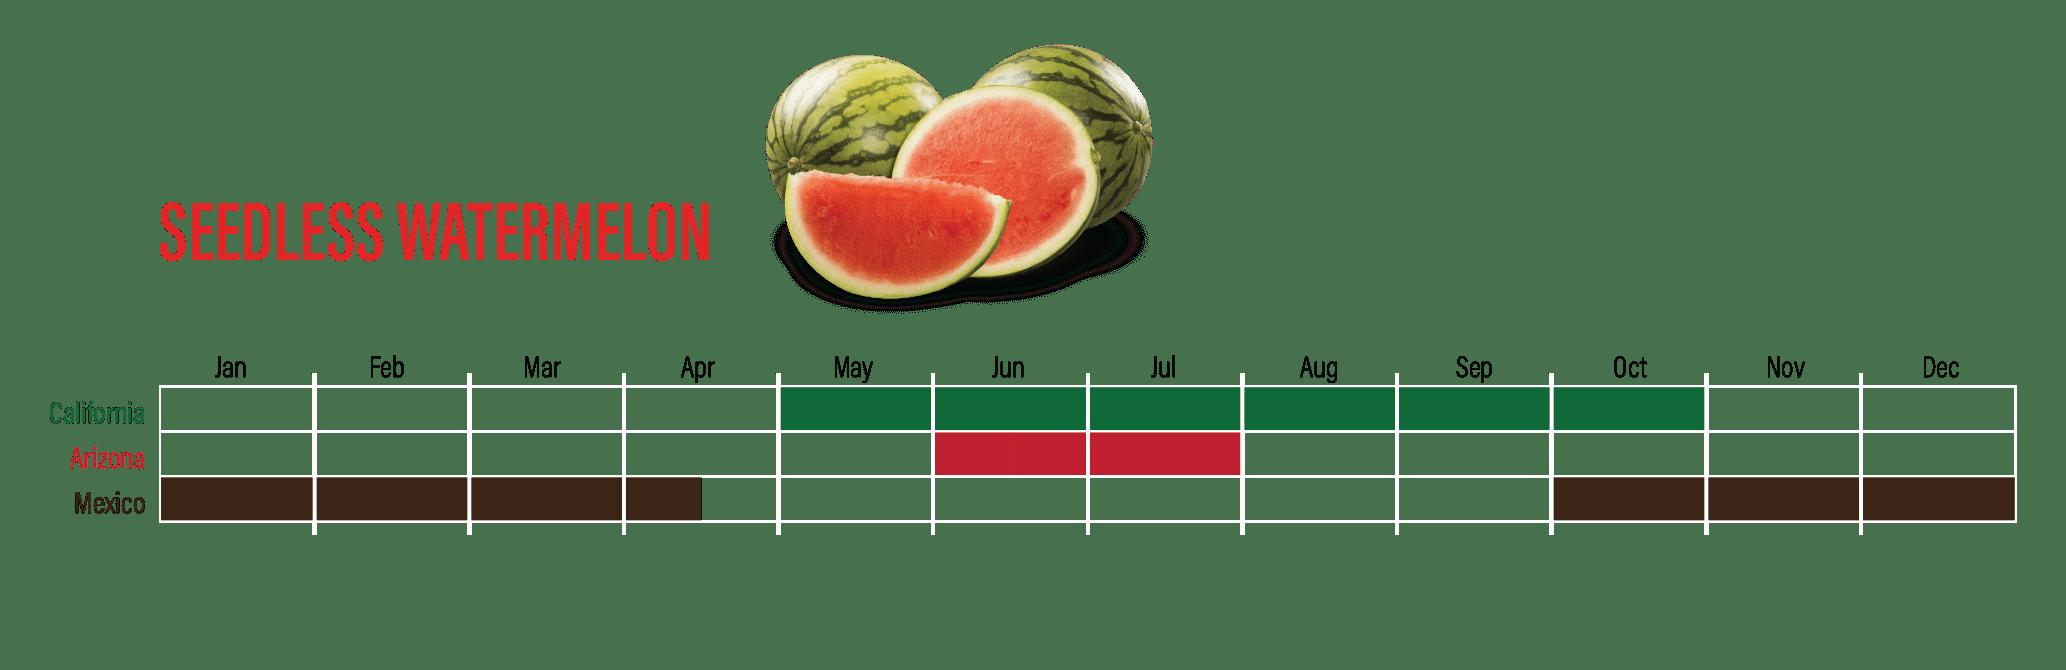 WatermelonAvailability-03